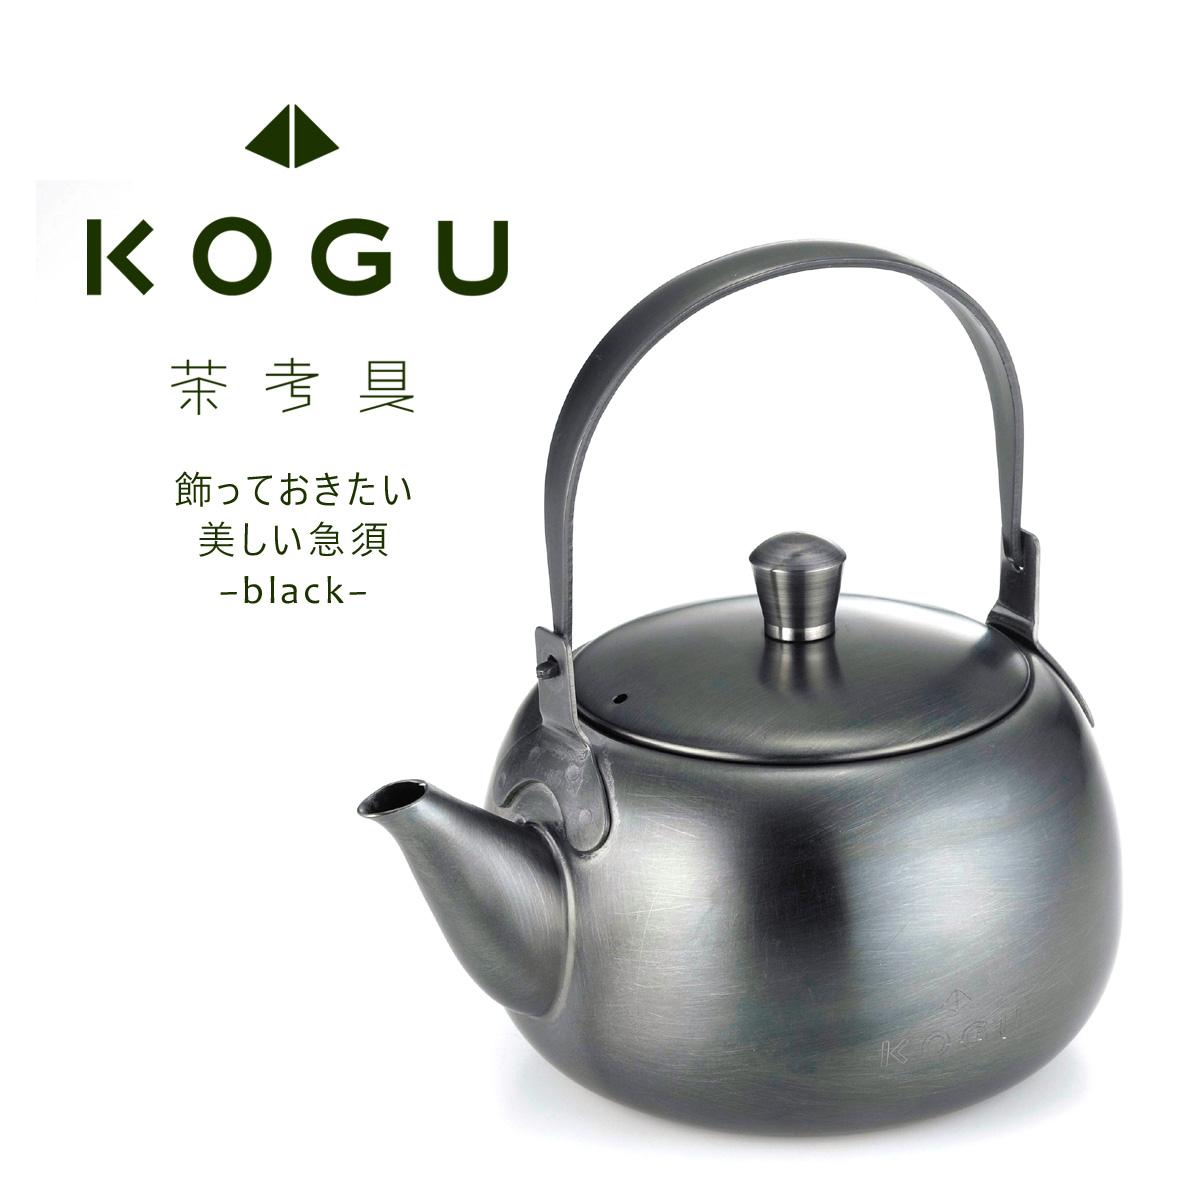 茶考具 急須日本製 お茶 ステンレス JAPAN緑茶 煎茶 ほうじ茶茶道具 美しい スタイリッシュ扱いやすい 下村企販 国産 和